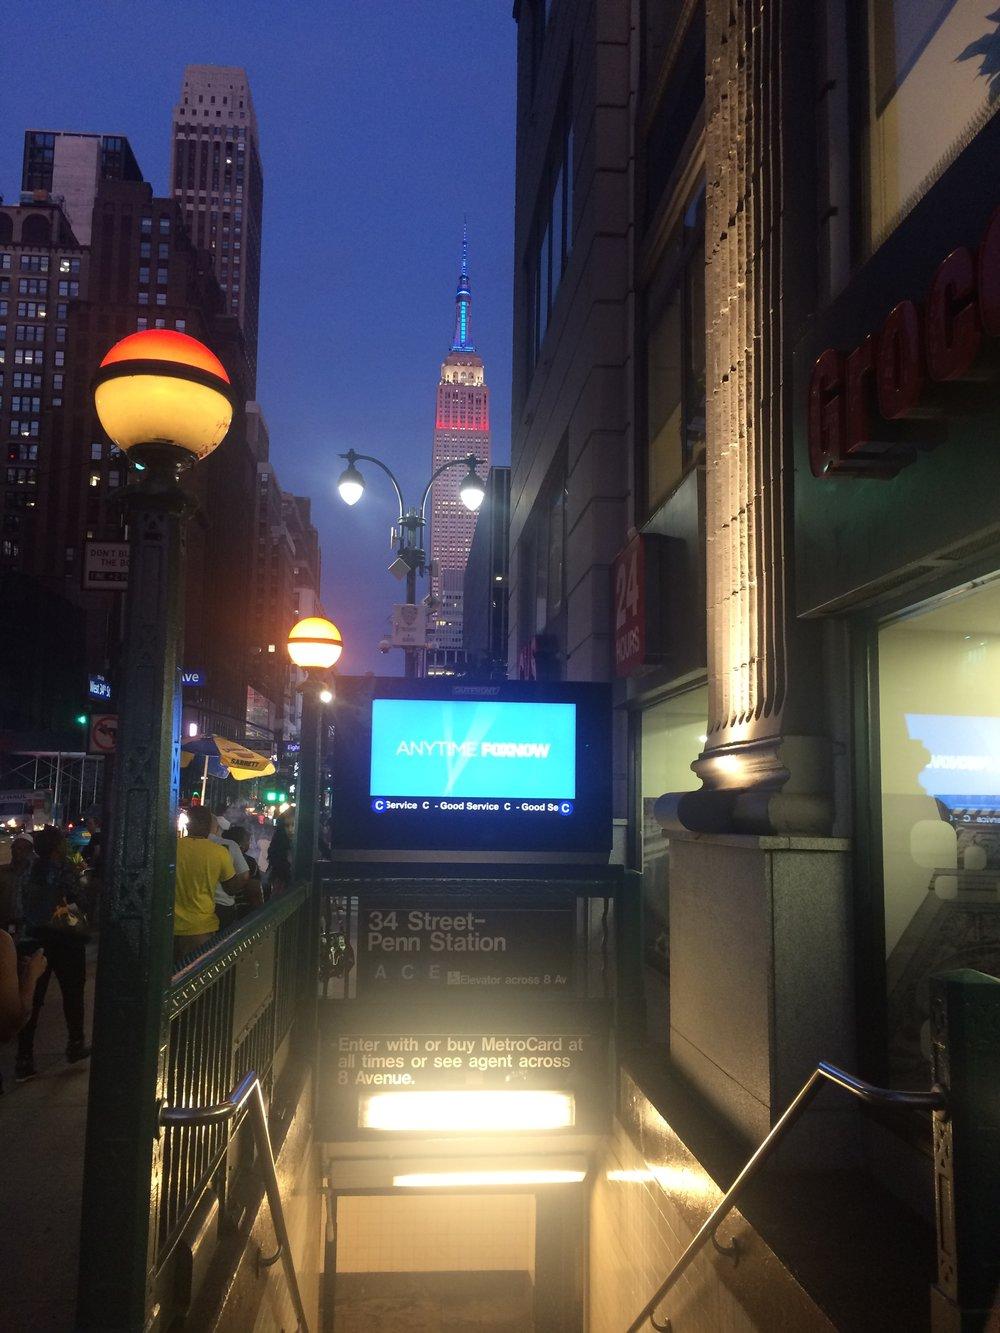 Na Penn Station jsme začali, tak na Penn Station také skončíme. Opět nechybí Empire State Building na pozadí, jen zbarvení lamp se přes ulici změnilo.(foto: Libor Hinčica)